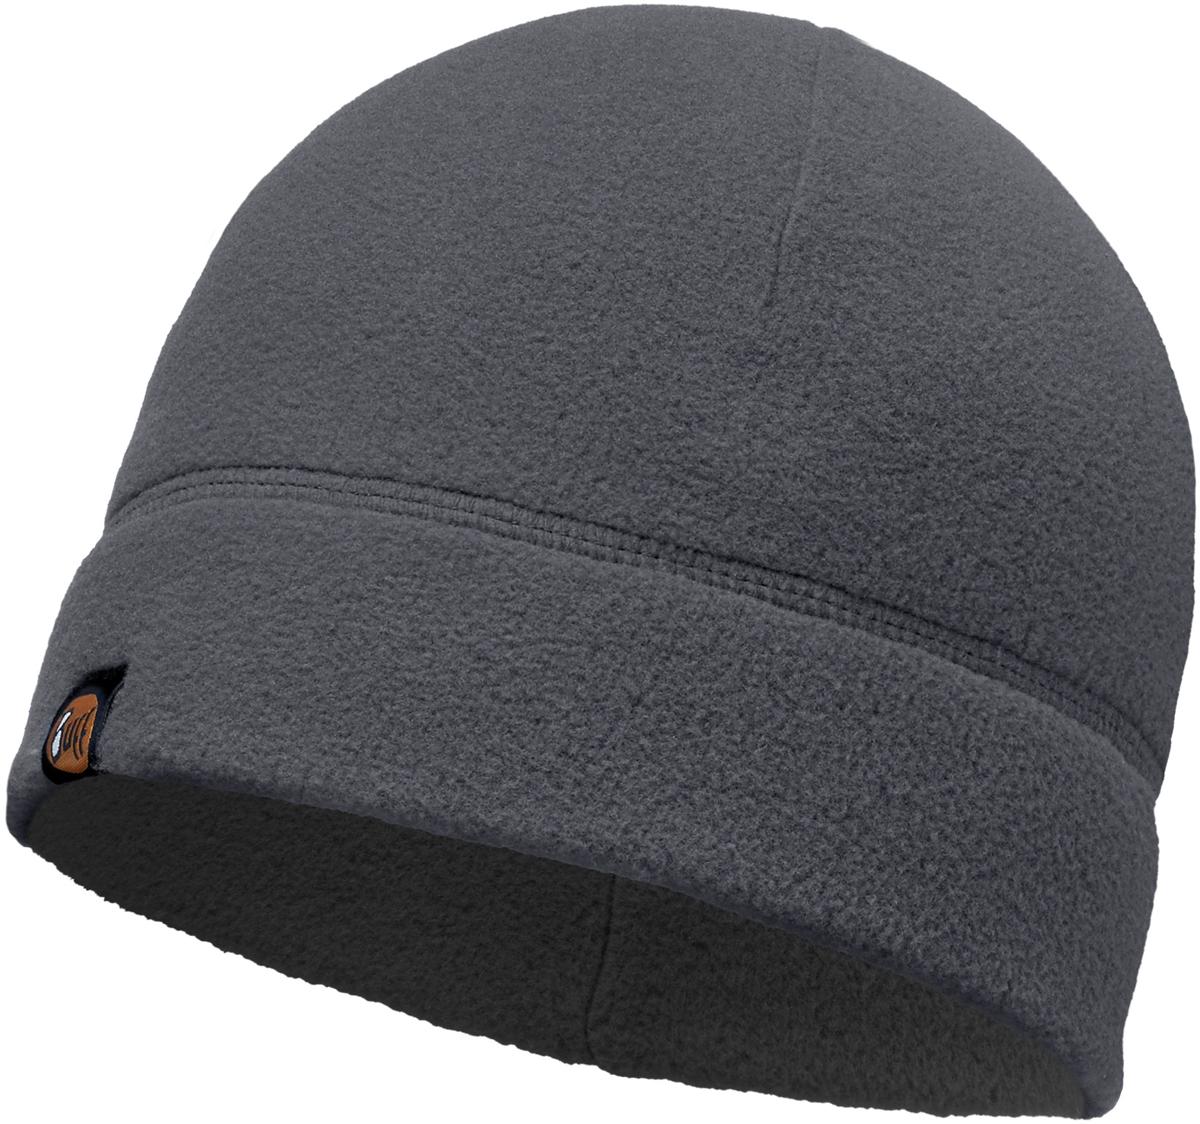 Шапка Buff Polar, цвет: темно-серый. 110929.937.10.00. Размер универсальный110929.937.10.00Шапка Buff Polar в холодную погоду поддерживает нормальную температуру тела и предотвращает потерю тепла, благодаря комбинации микрофибры и Polartec. Шапка является неотъемлемой частью зимней одежды.